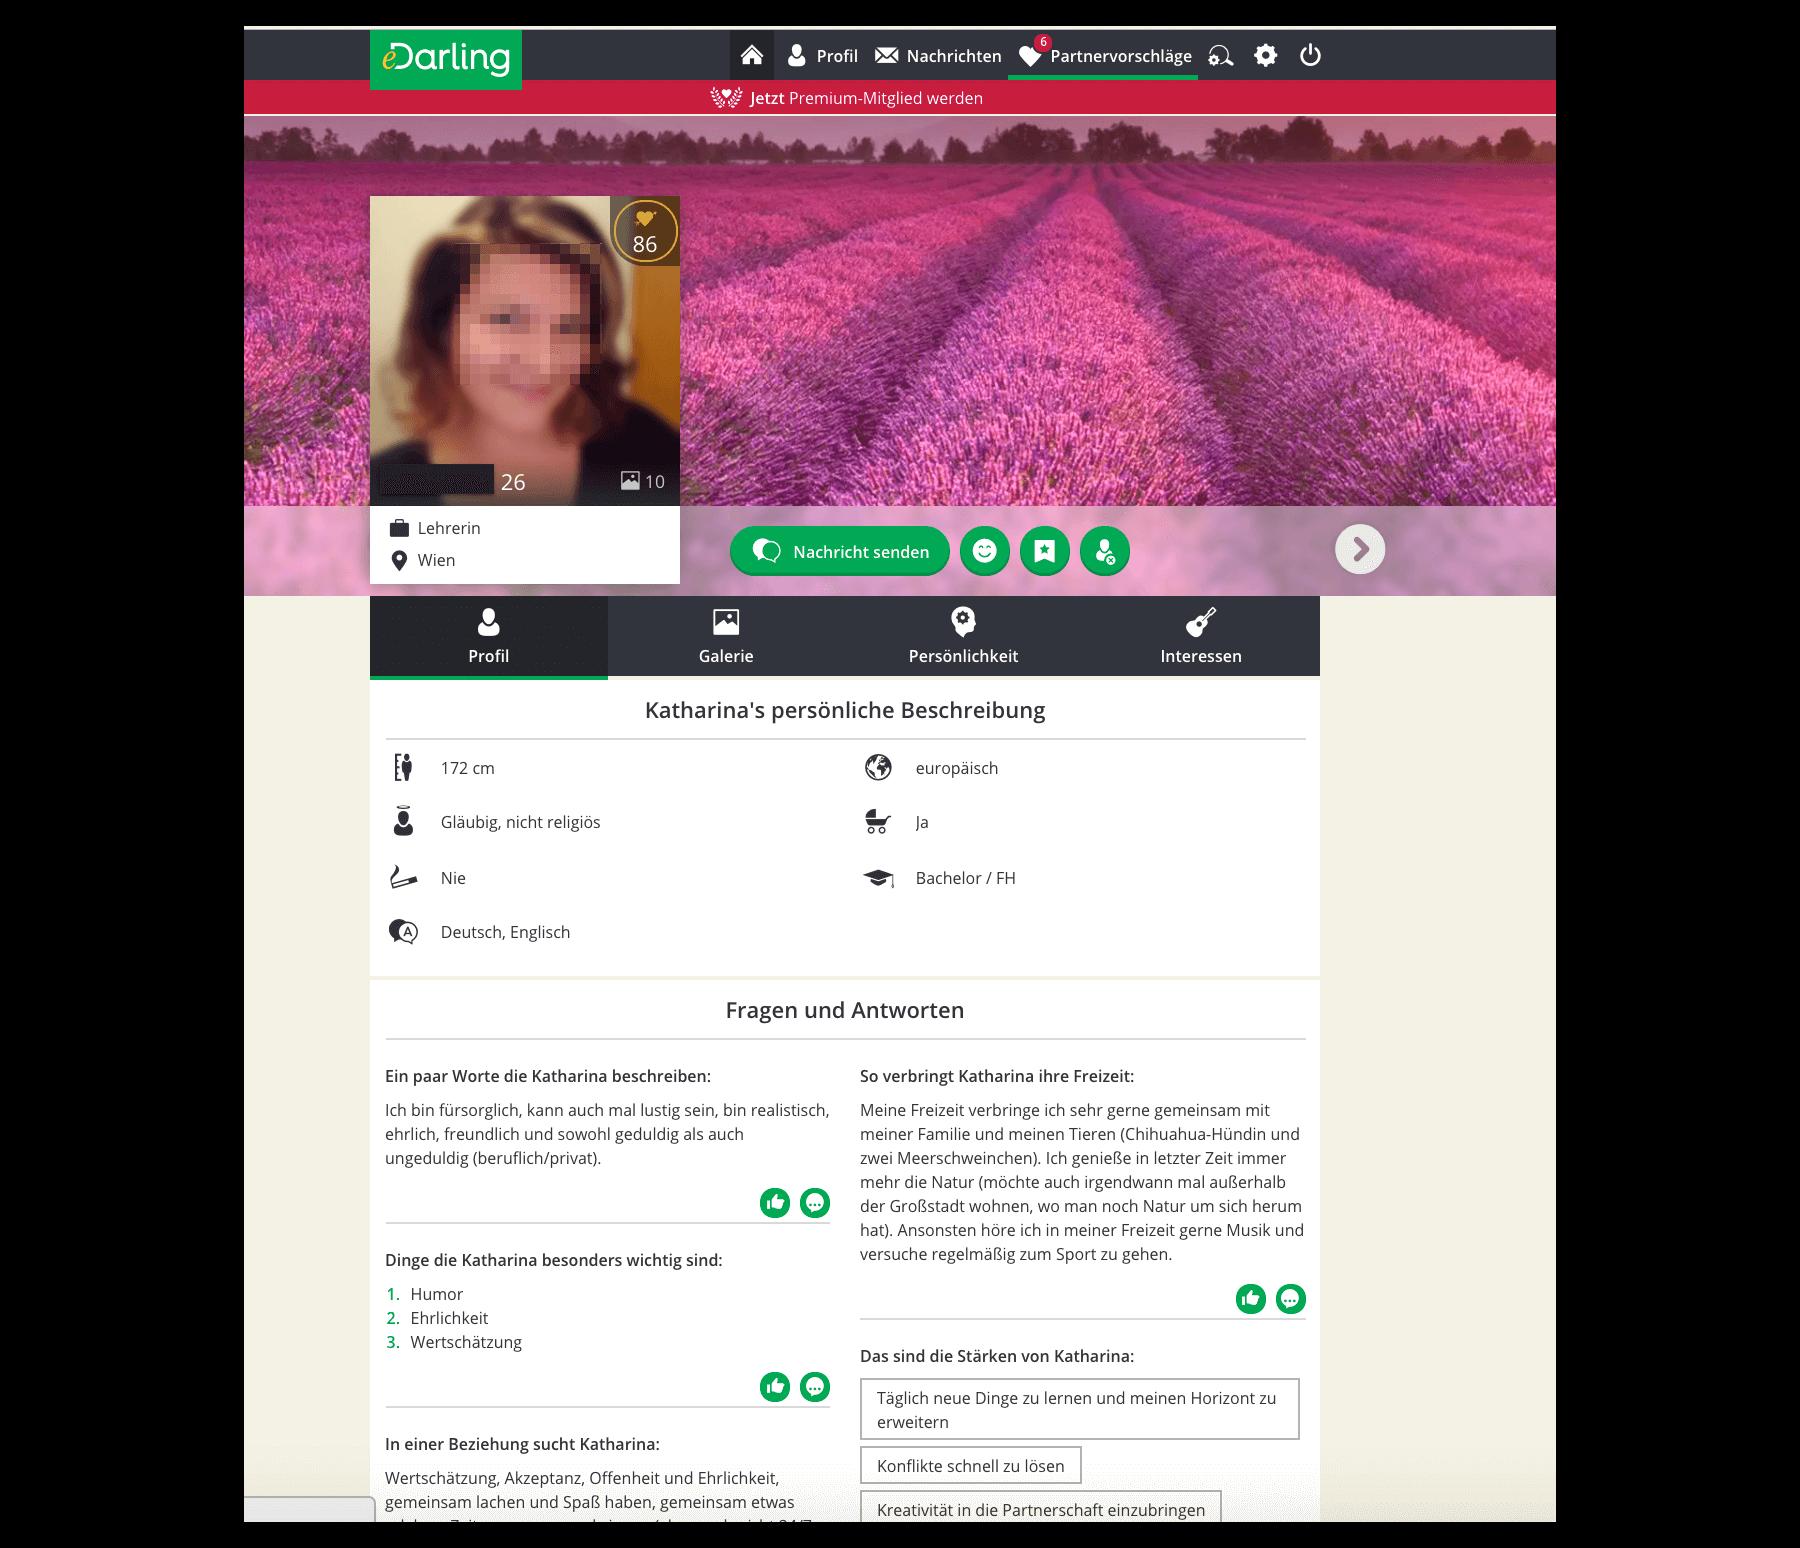 eDarling Profil